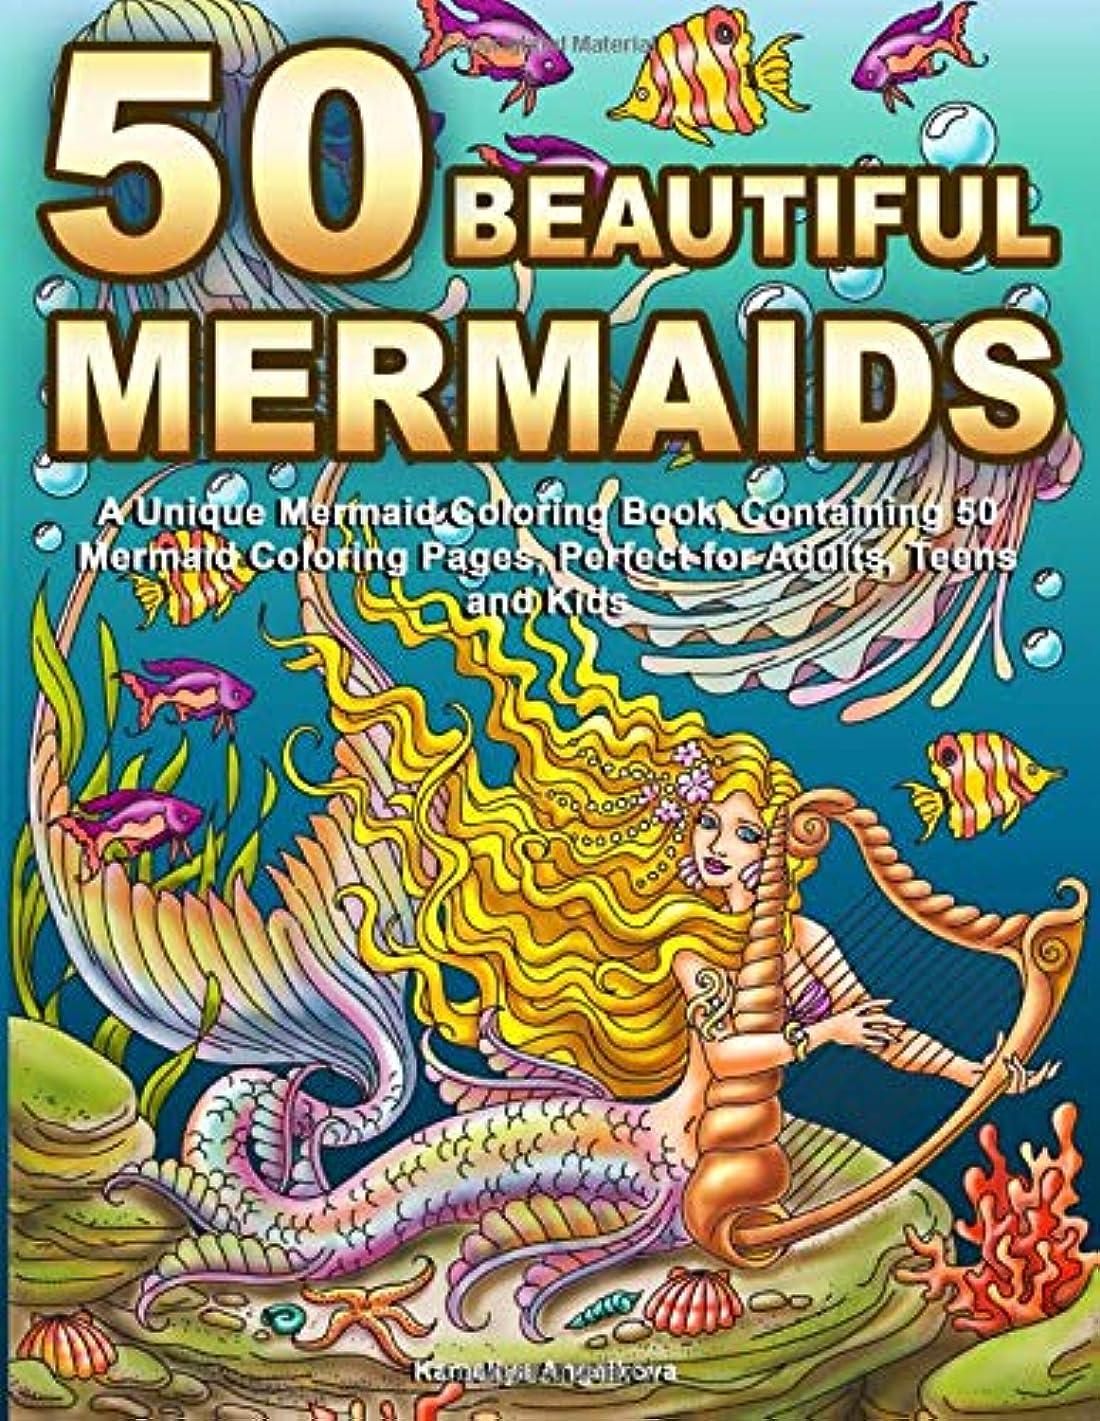 講堂構築する黙認する50 Beautiful Mermaids: A Unique Mermaid Coloring Book, Containing 50 Mermaid Coloring Pages, Perfect for Adults, Teens and Kids